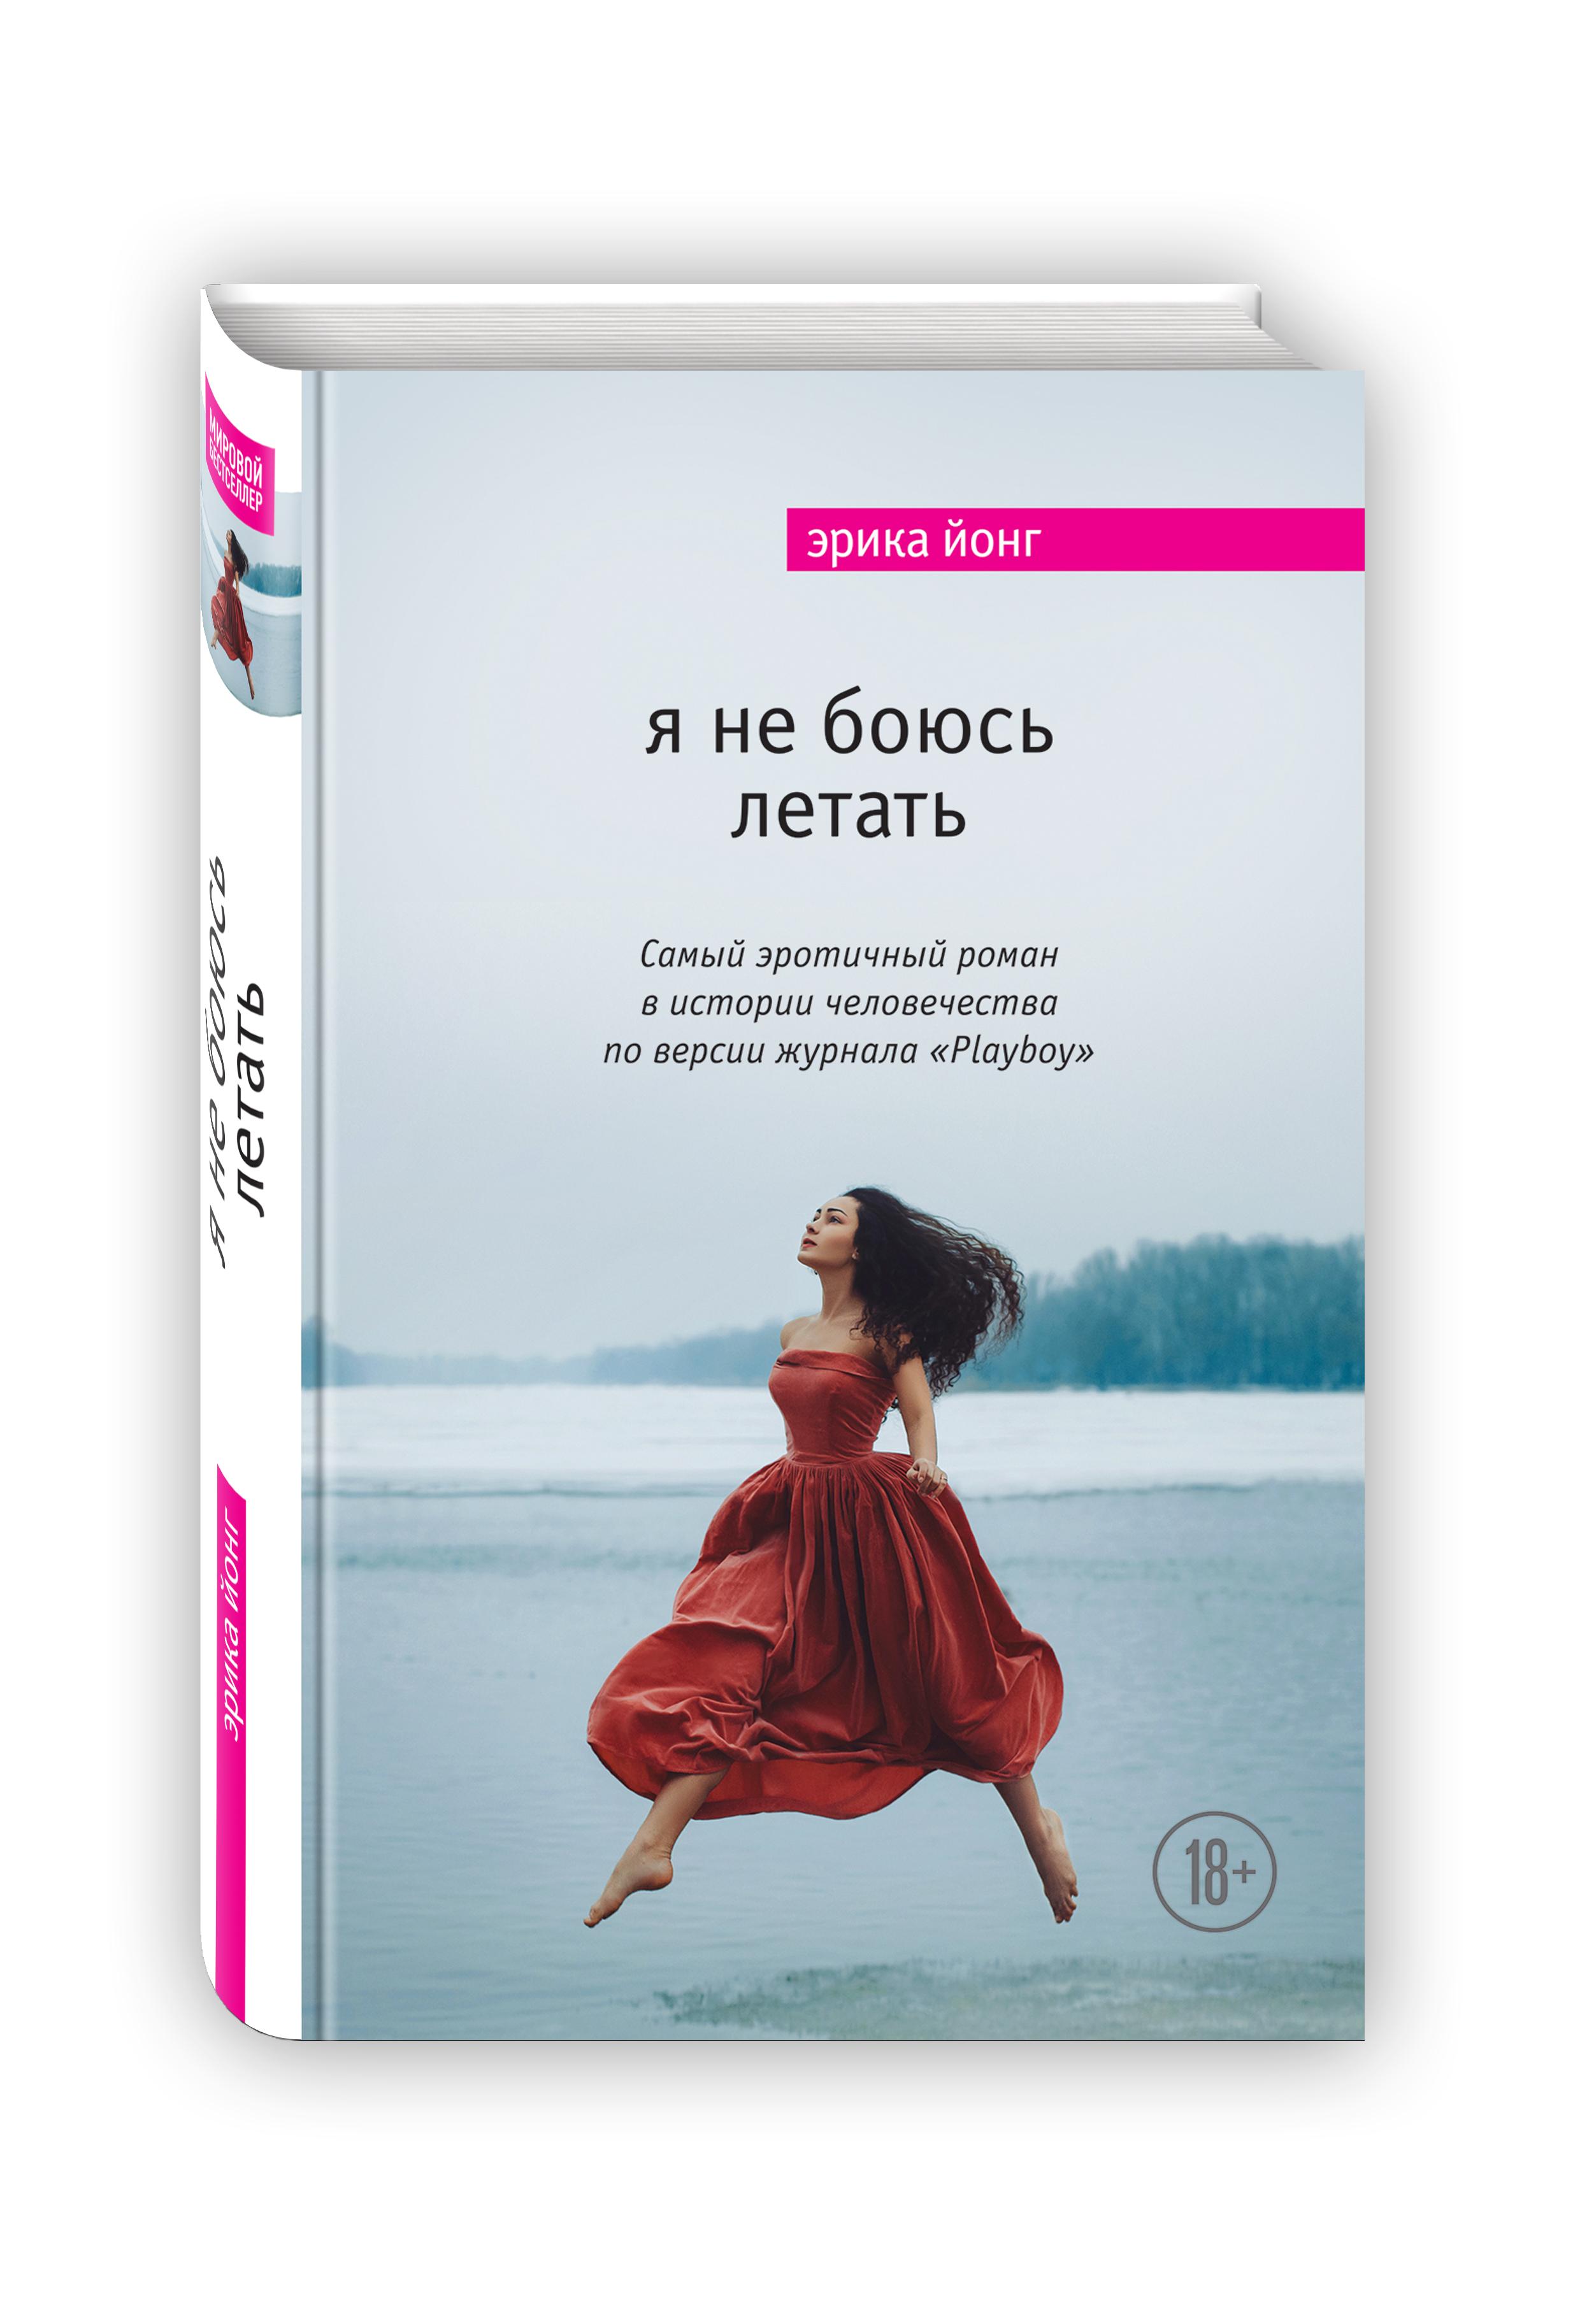 Йонг Э., Келби Н.М. Смелые и дерзкие (комплект из 2 книг) йонг э кэлби н я не боюсь летать розовый костюм комплект из 2 книг